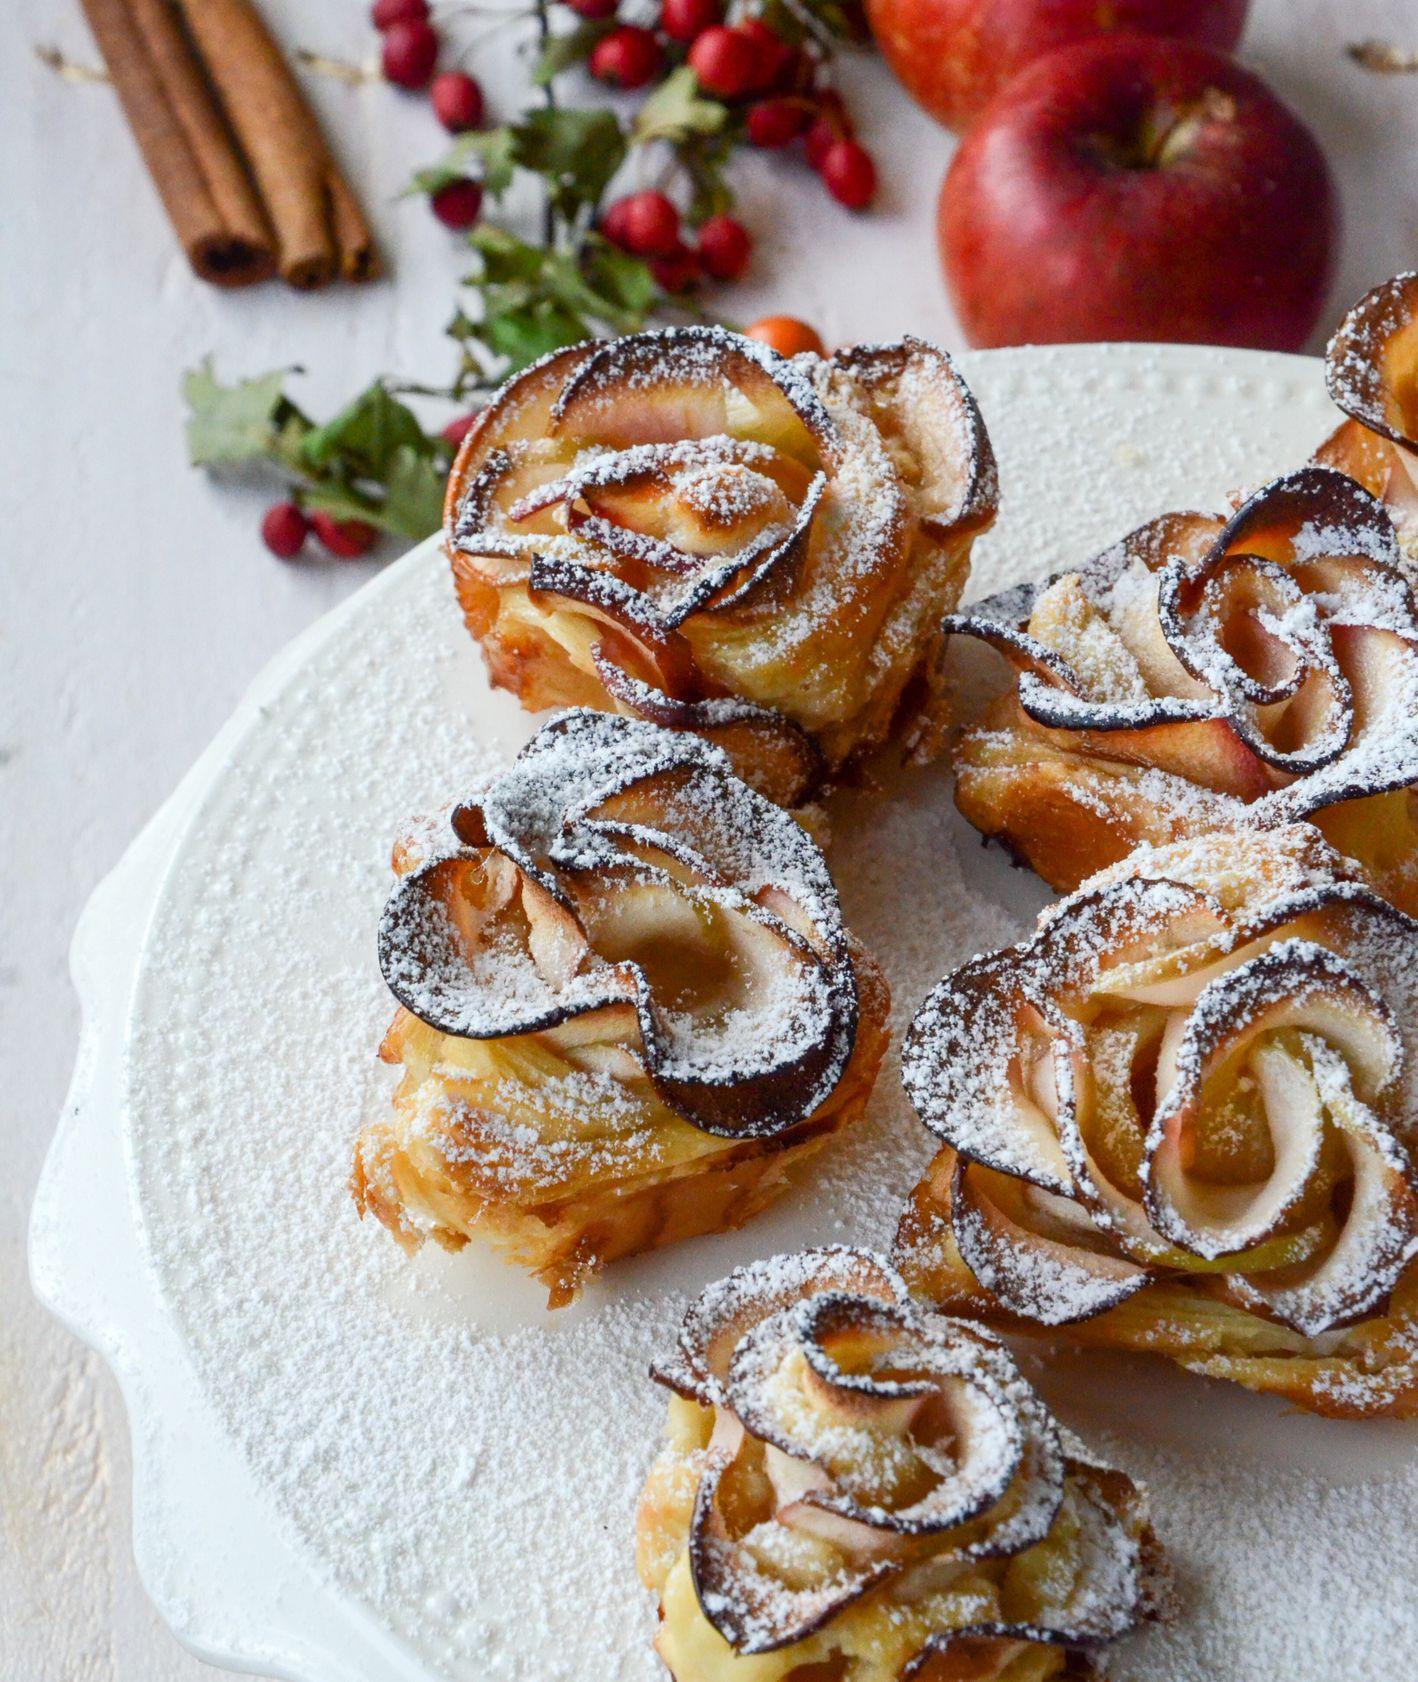 Róże z jabłkami w cieście francuskim (fot. Katarzyna Kopacz)